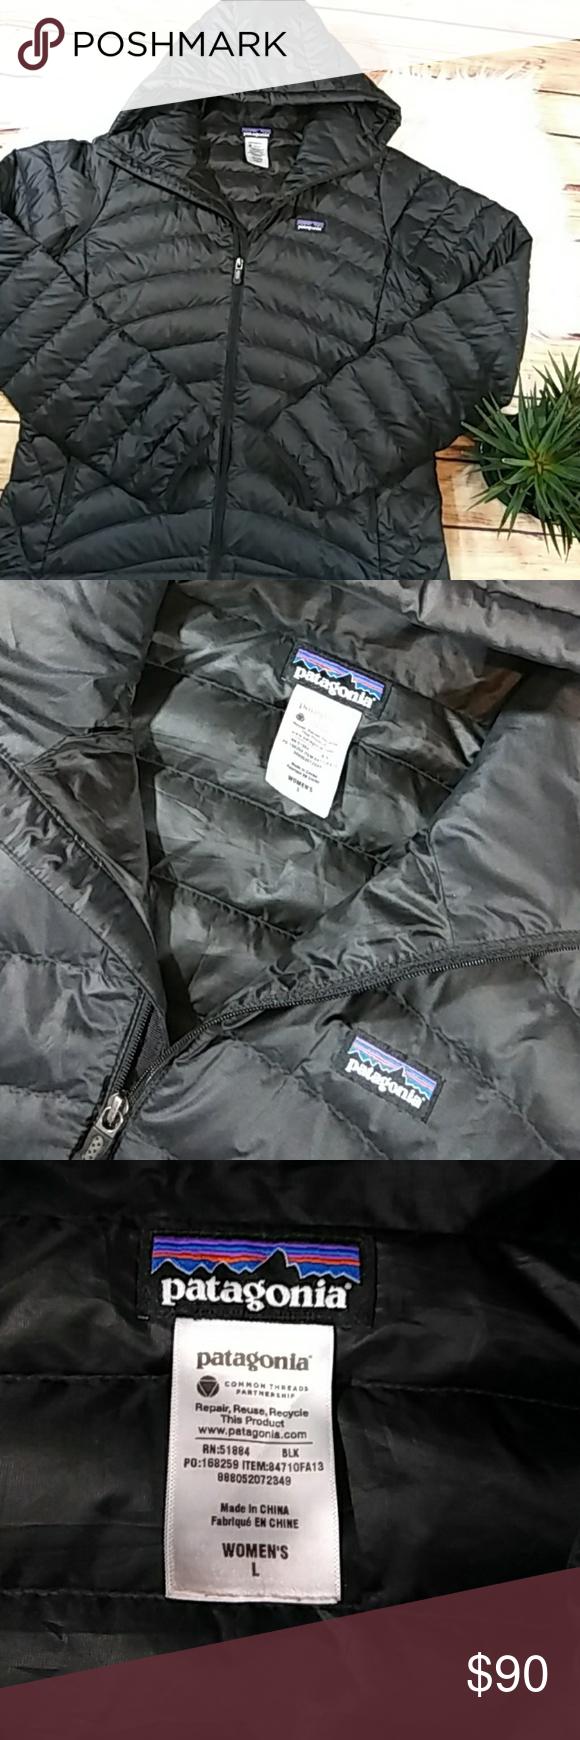 Black Patagonia Puffer Jacket Patagonia Puffer Jacket Black Patagonia Jackets [ 1740 x 580 Pixel ]